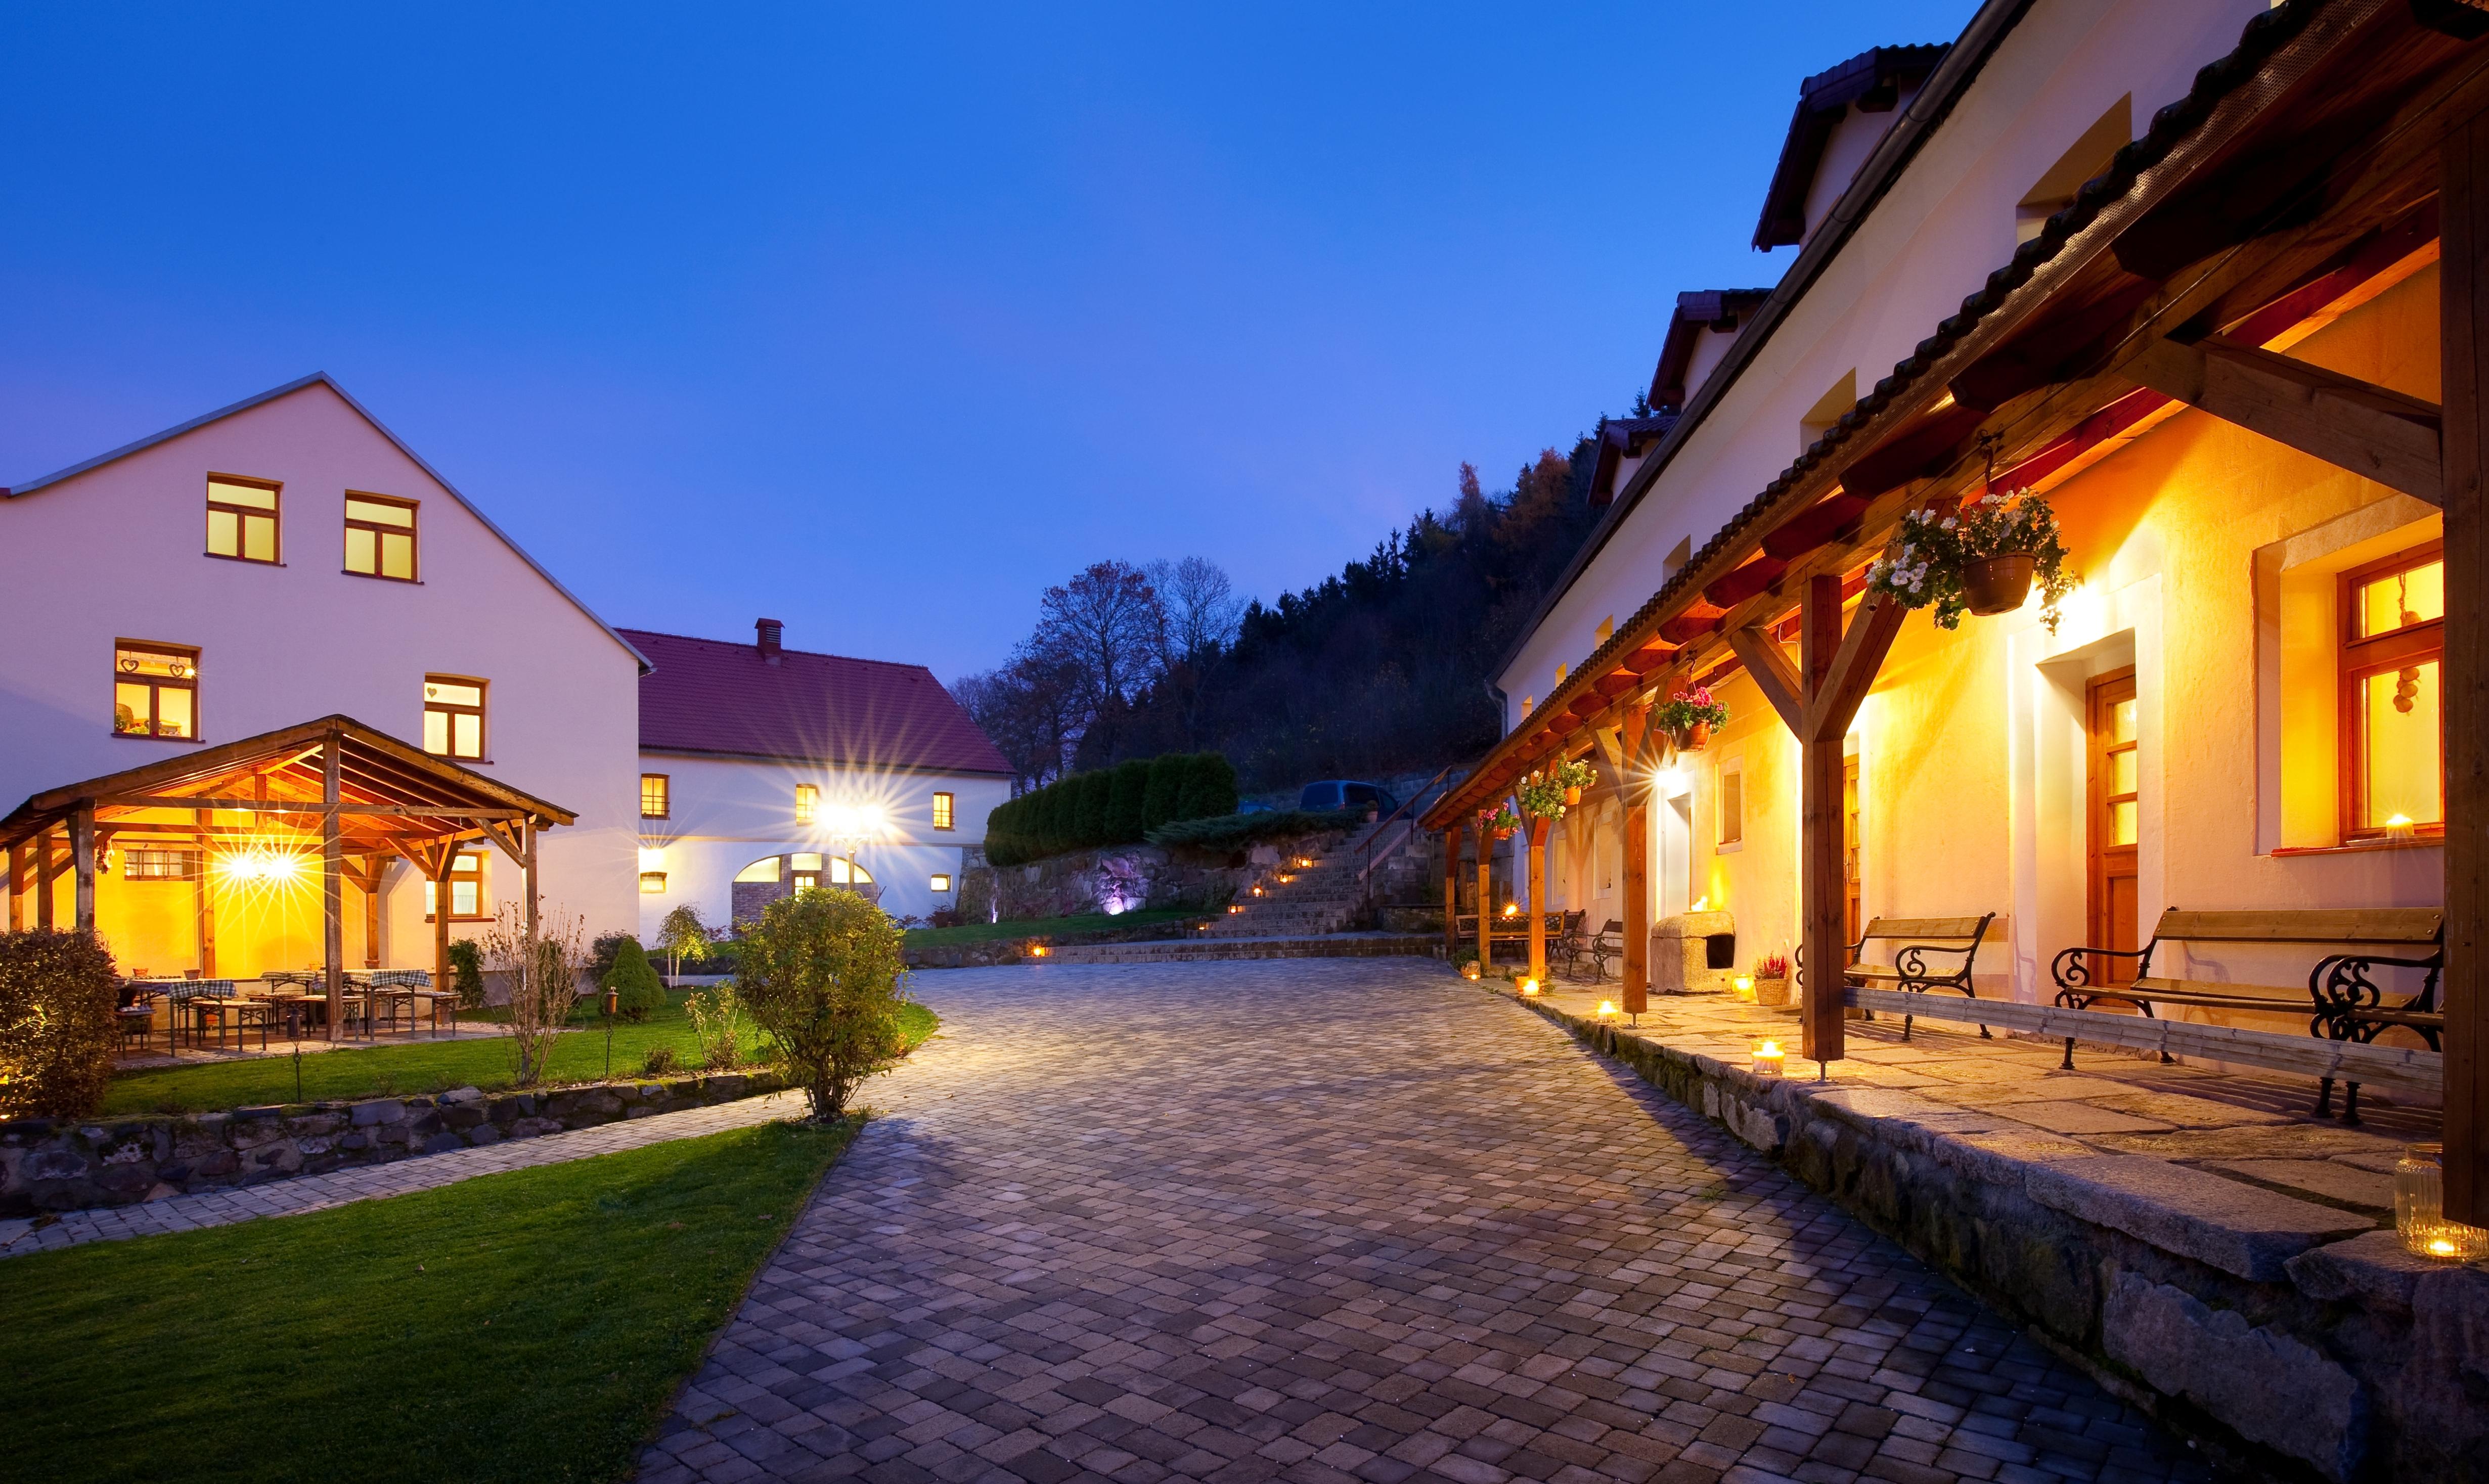 Hotel Říčky